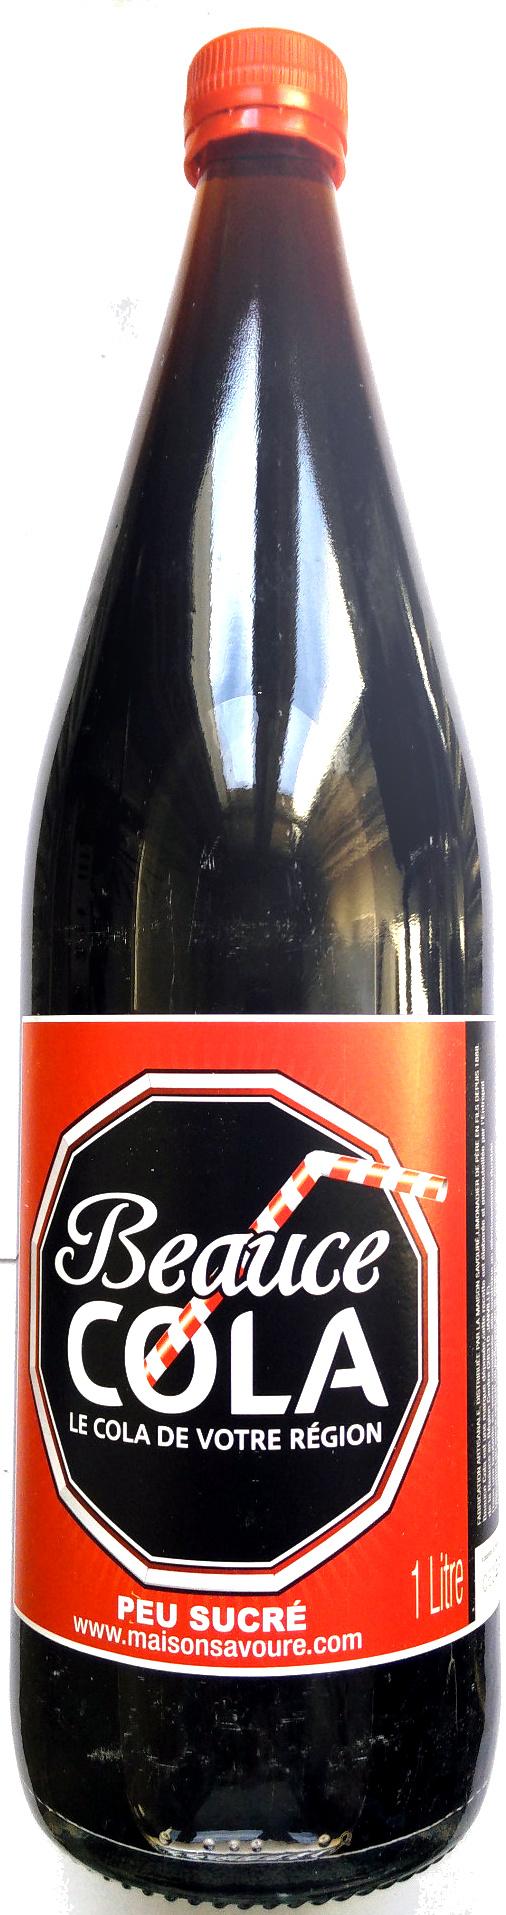 Beauce Cola - Produit - fr